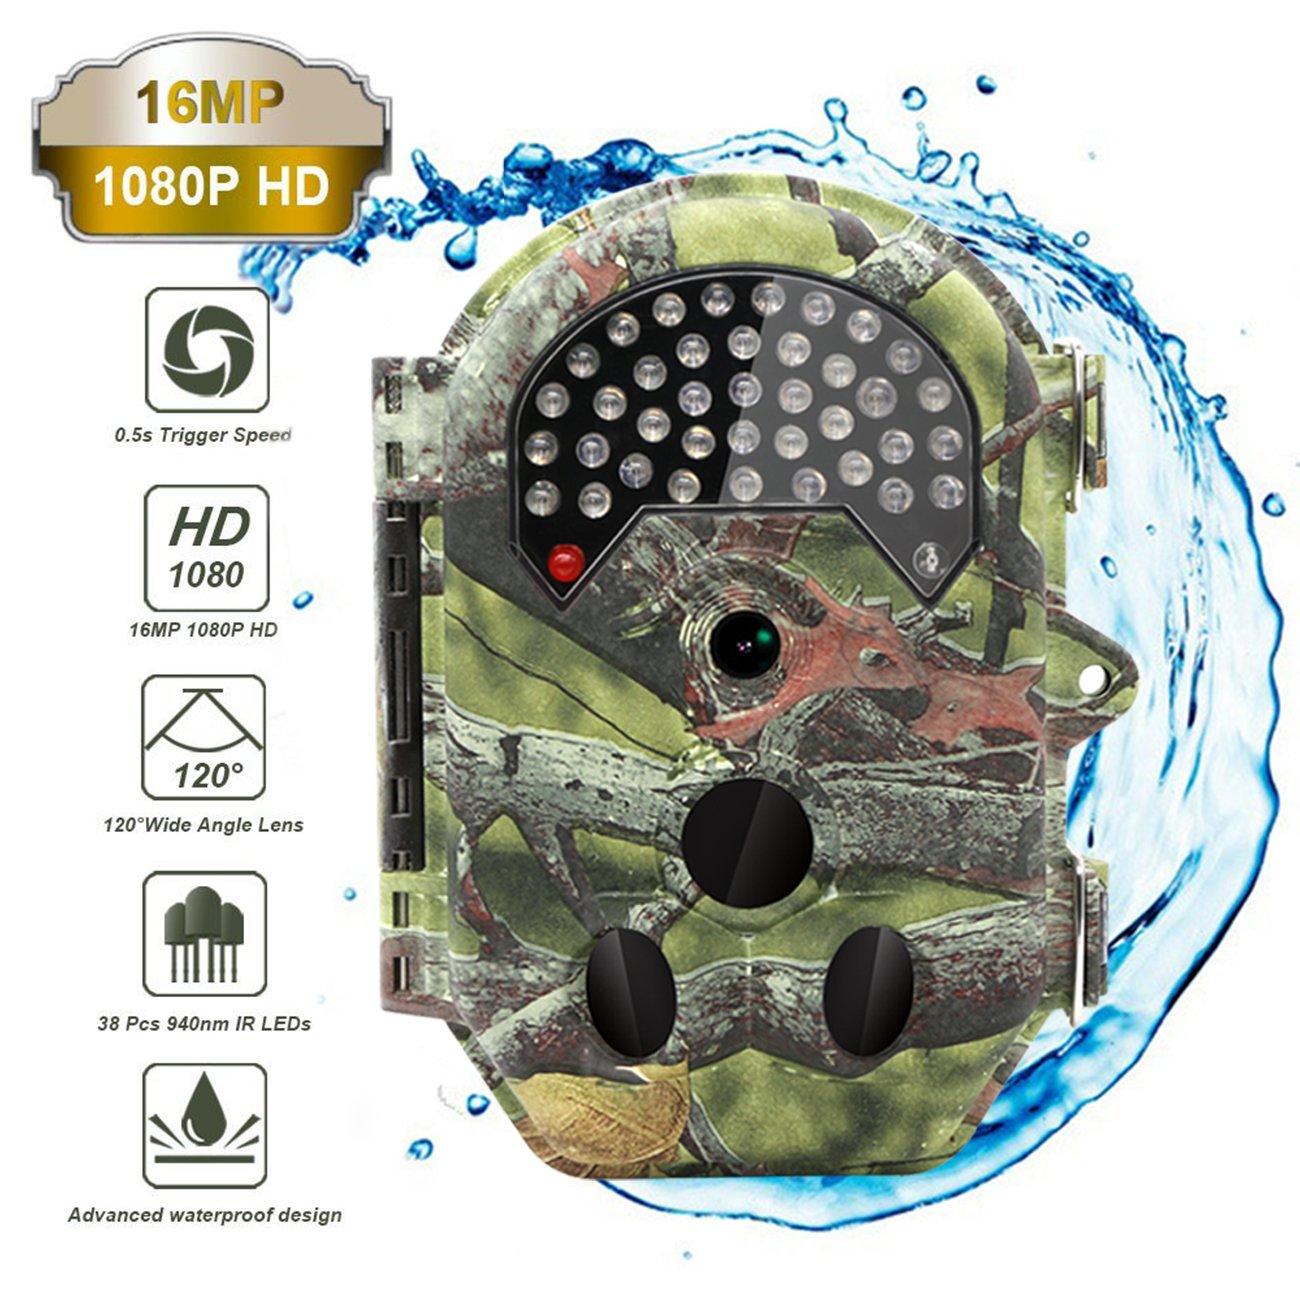 The perseids caza Trail Cámara 16 Mp 1080P 2.0 LCD Pantalla y cámara de caza con actualización camara fototrampeo 38pcs de 940 nm IR LED, visión nocturna hasta 65 ft/20 m IP54 Spray diseño de protección de agua